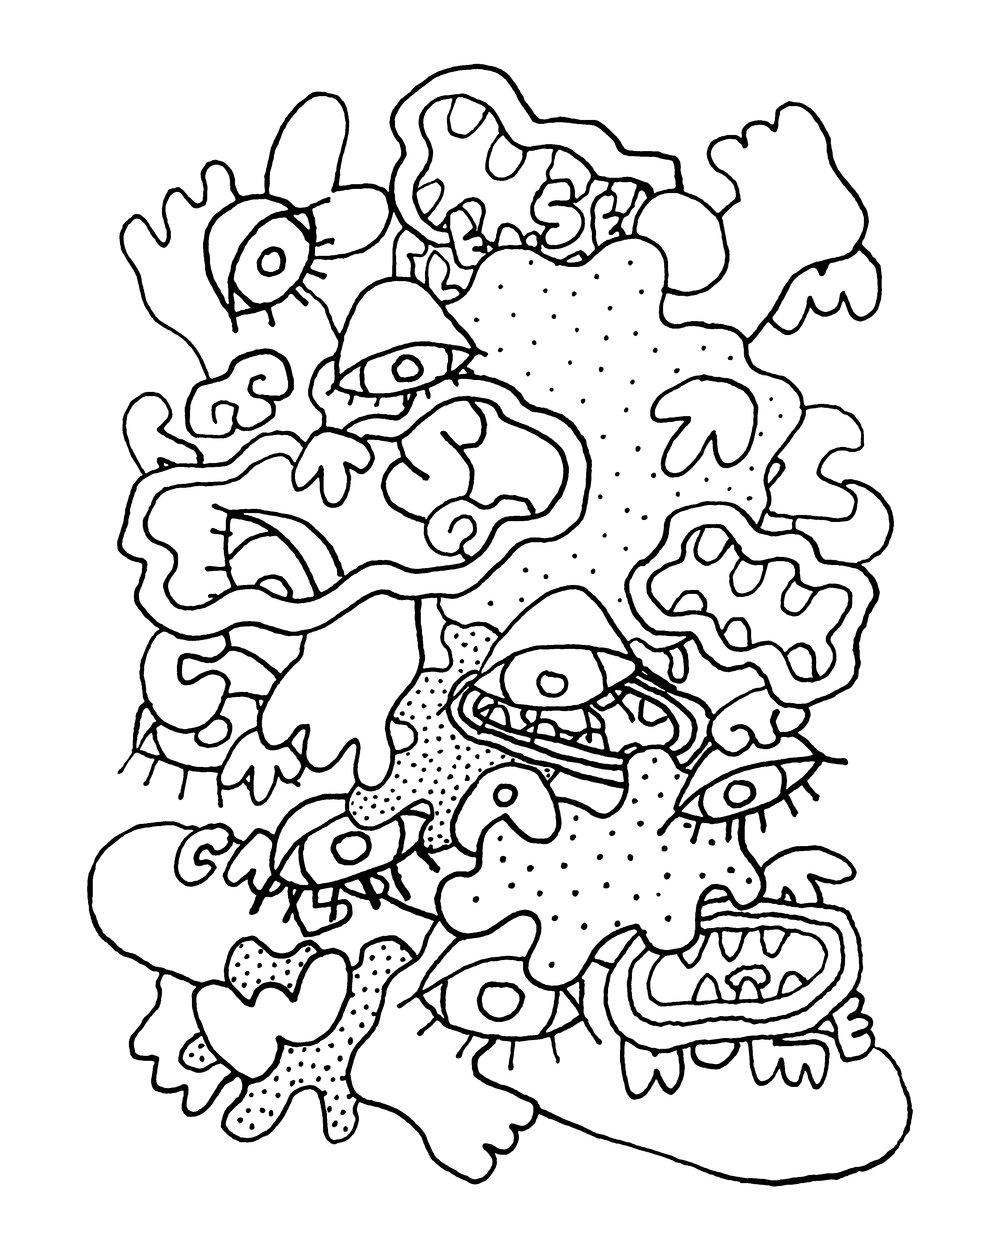 JaradSolomon-scramble-2.jpg